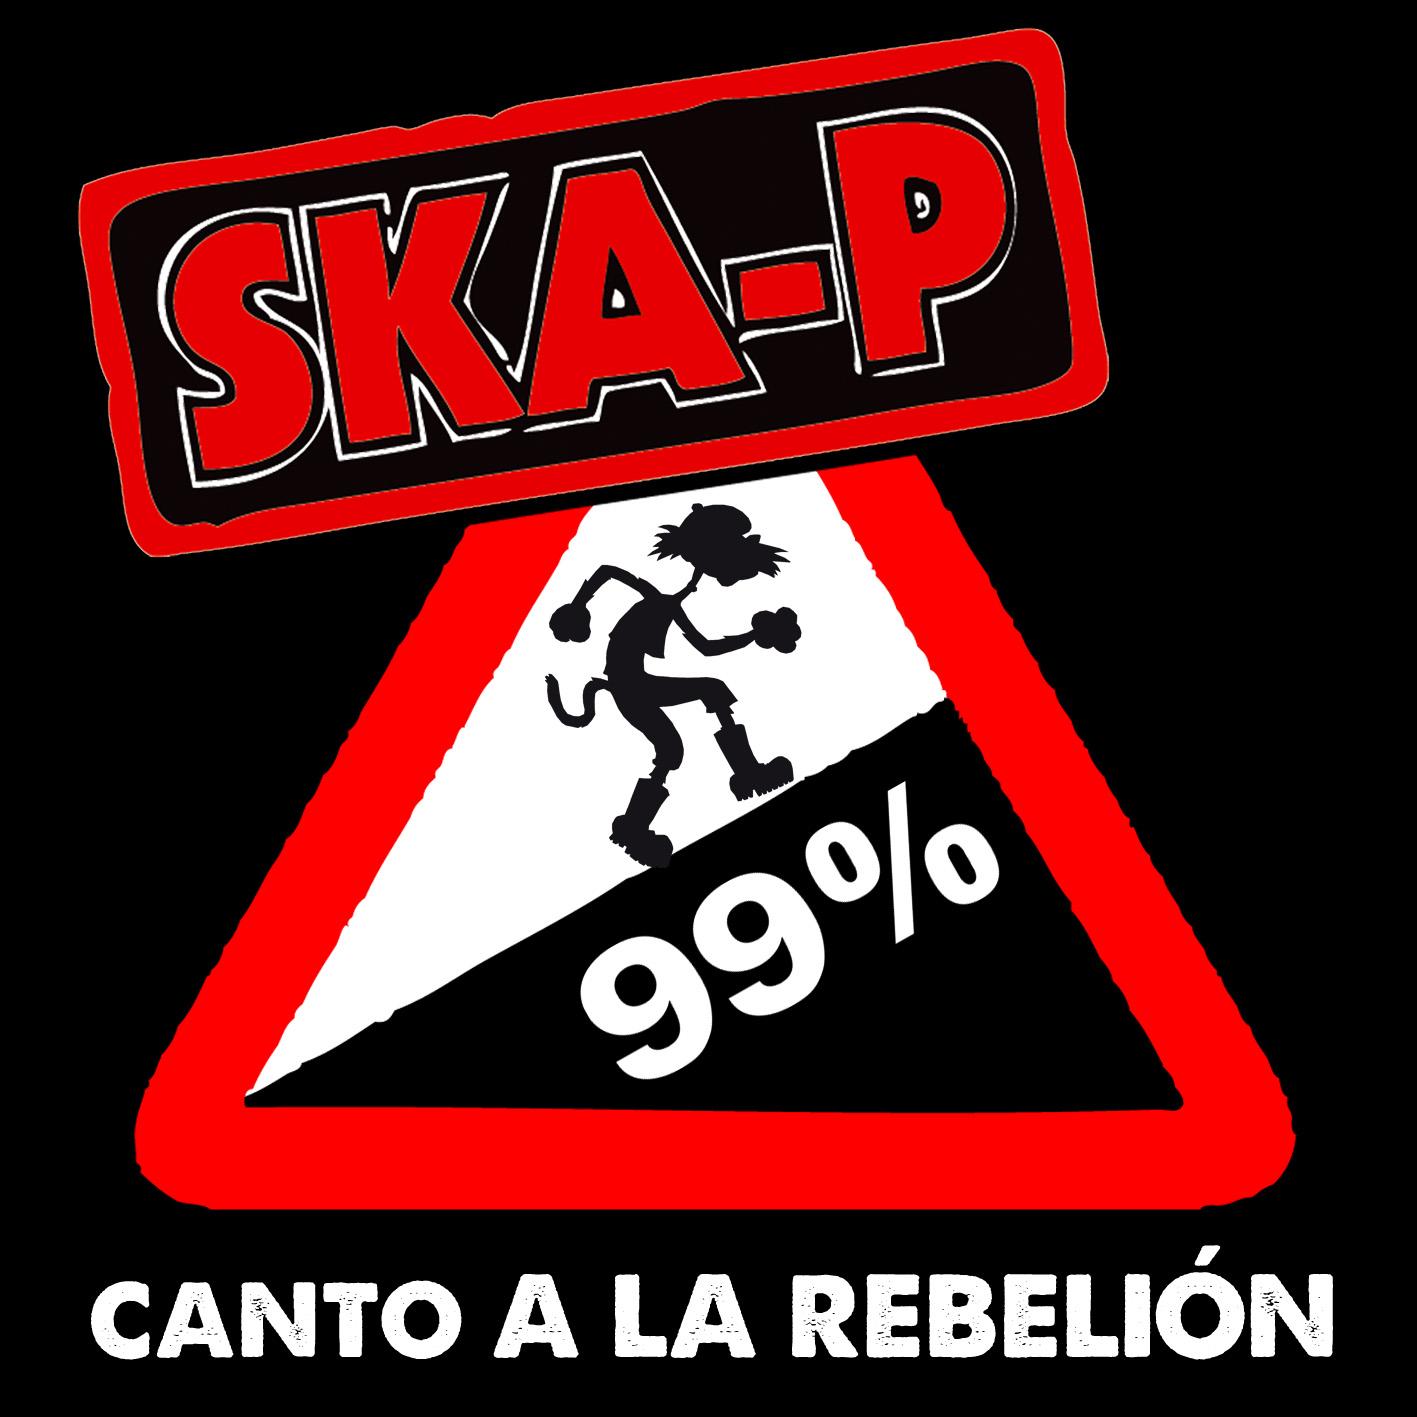 SKA-P Canto a la rebelion